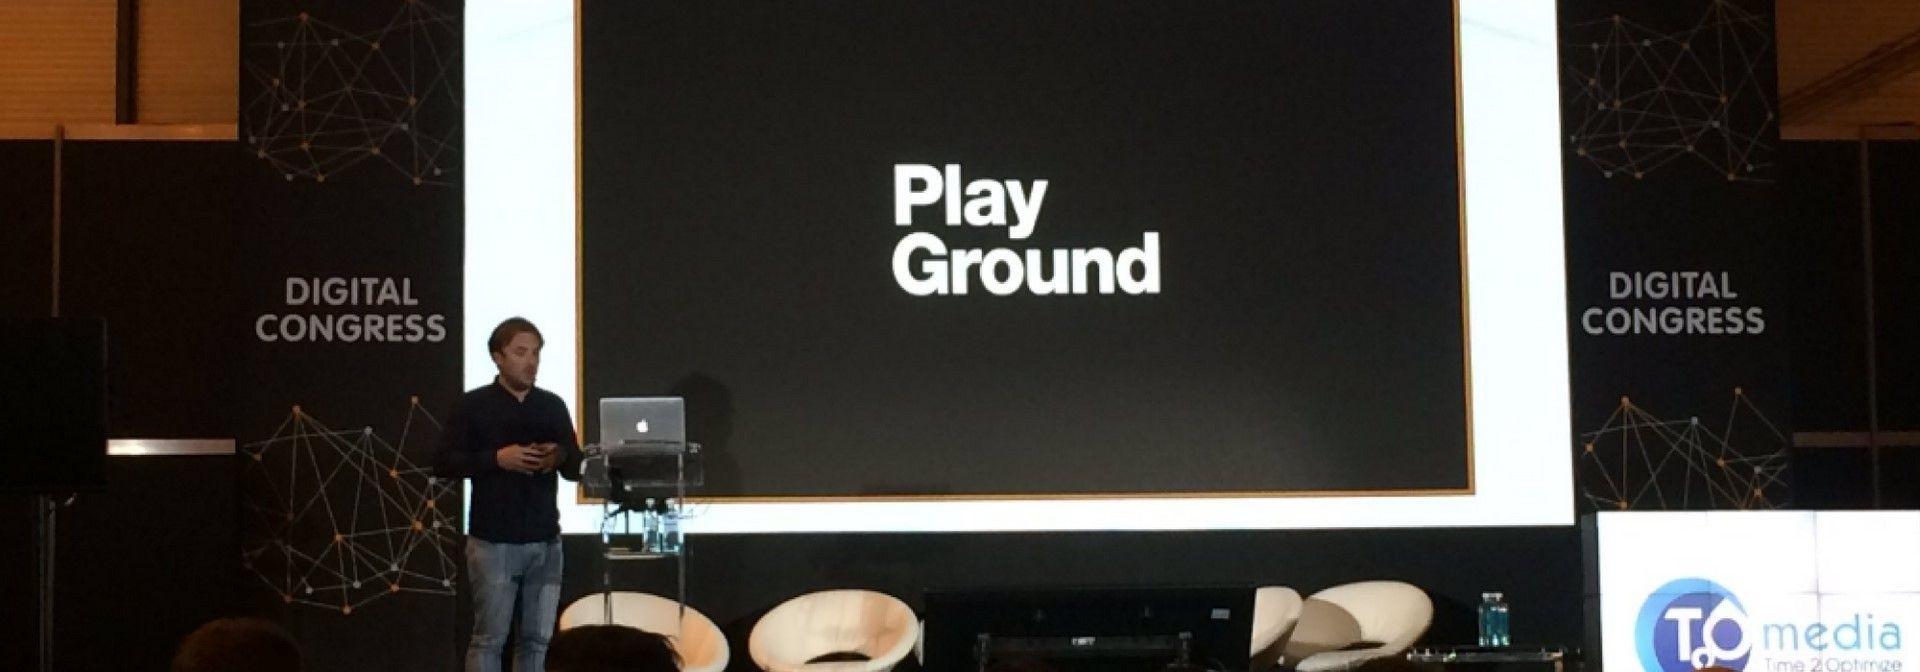 PlayGround en el Digital Congress